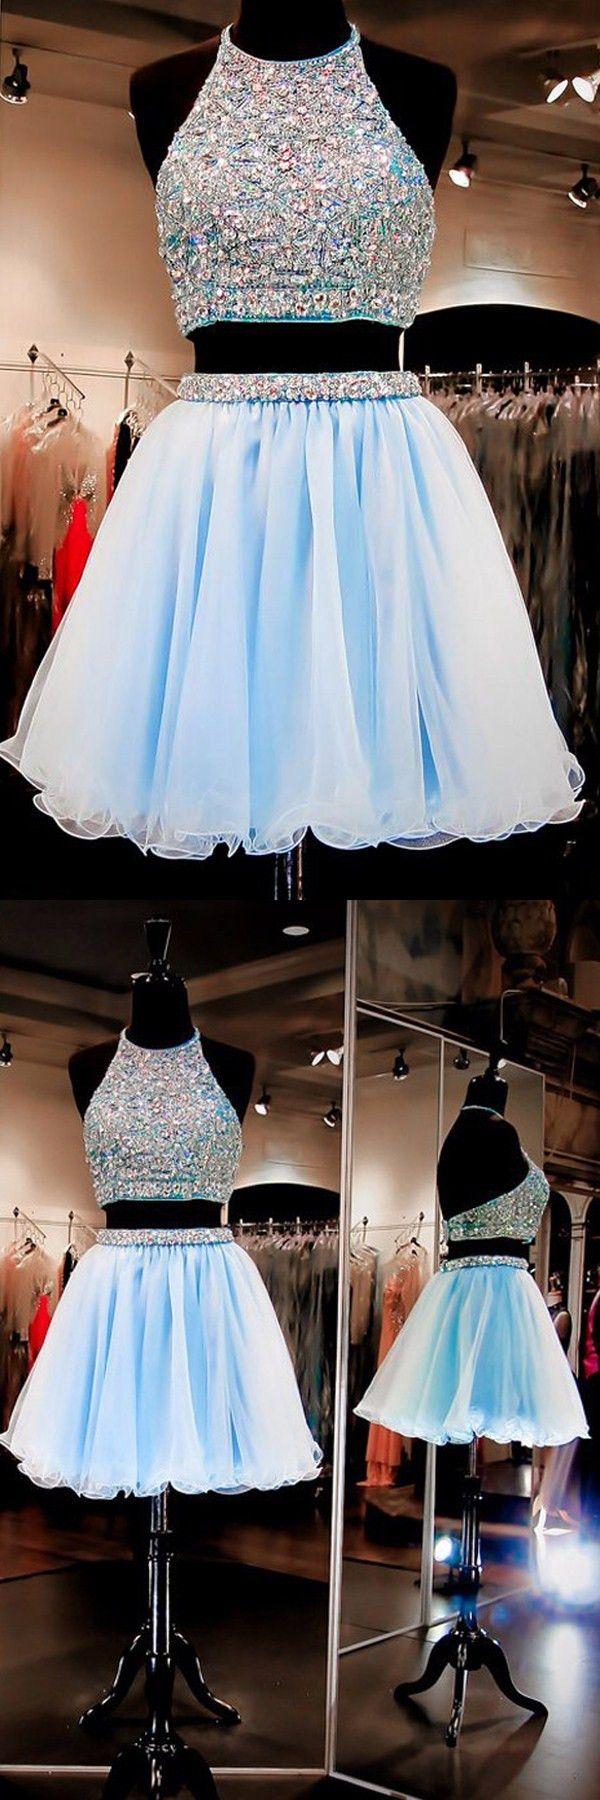 2016 homecoming dresses,homecoming dresses,cheap homecoming dresses,two-piece homecoming dresses,halter homecoming dresses,cheap two pieces dancing party dresses